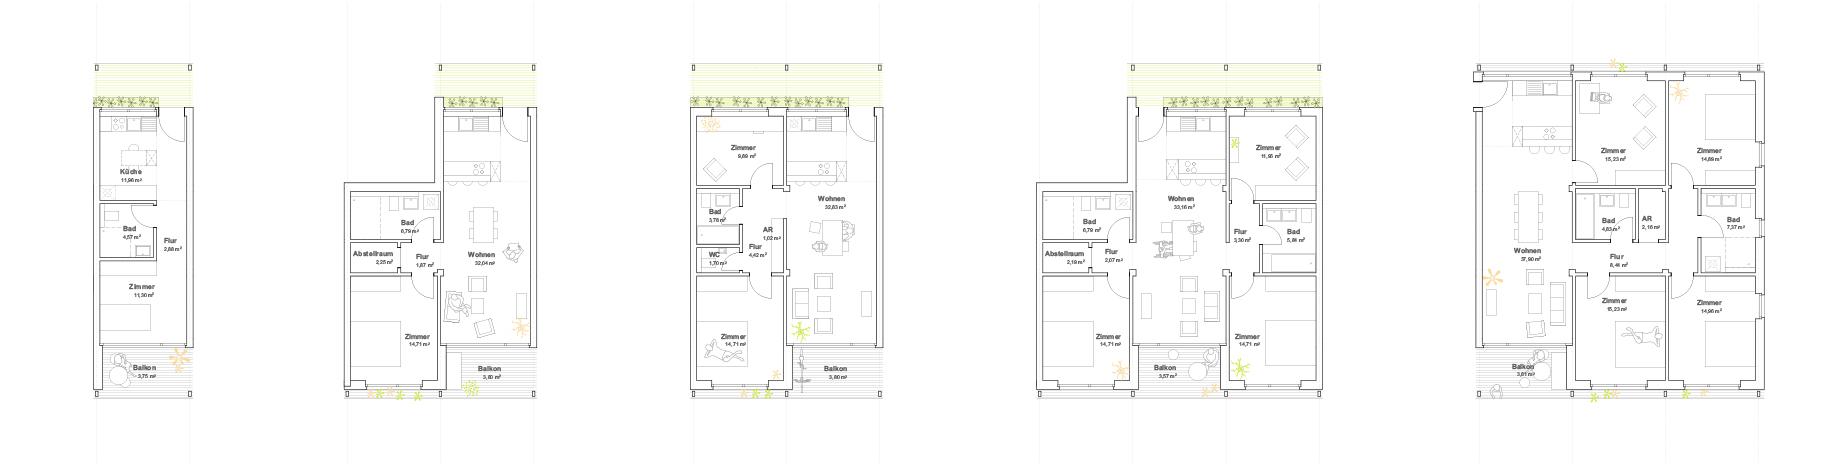 KUBIK-architektur-architecture-berlin-ESW-wohnungstypen